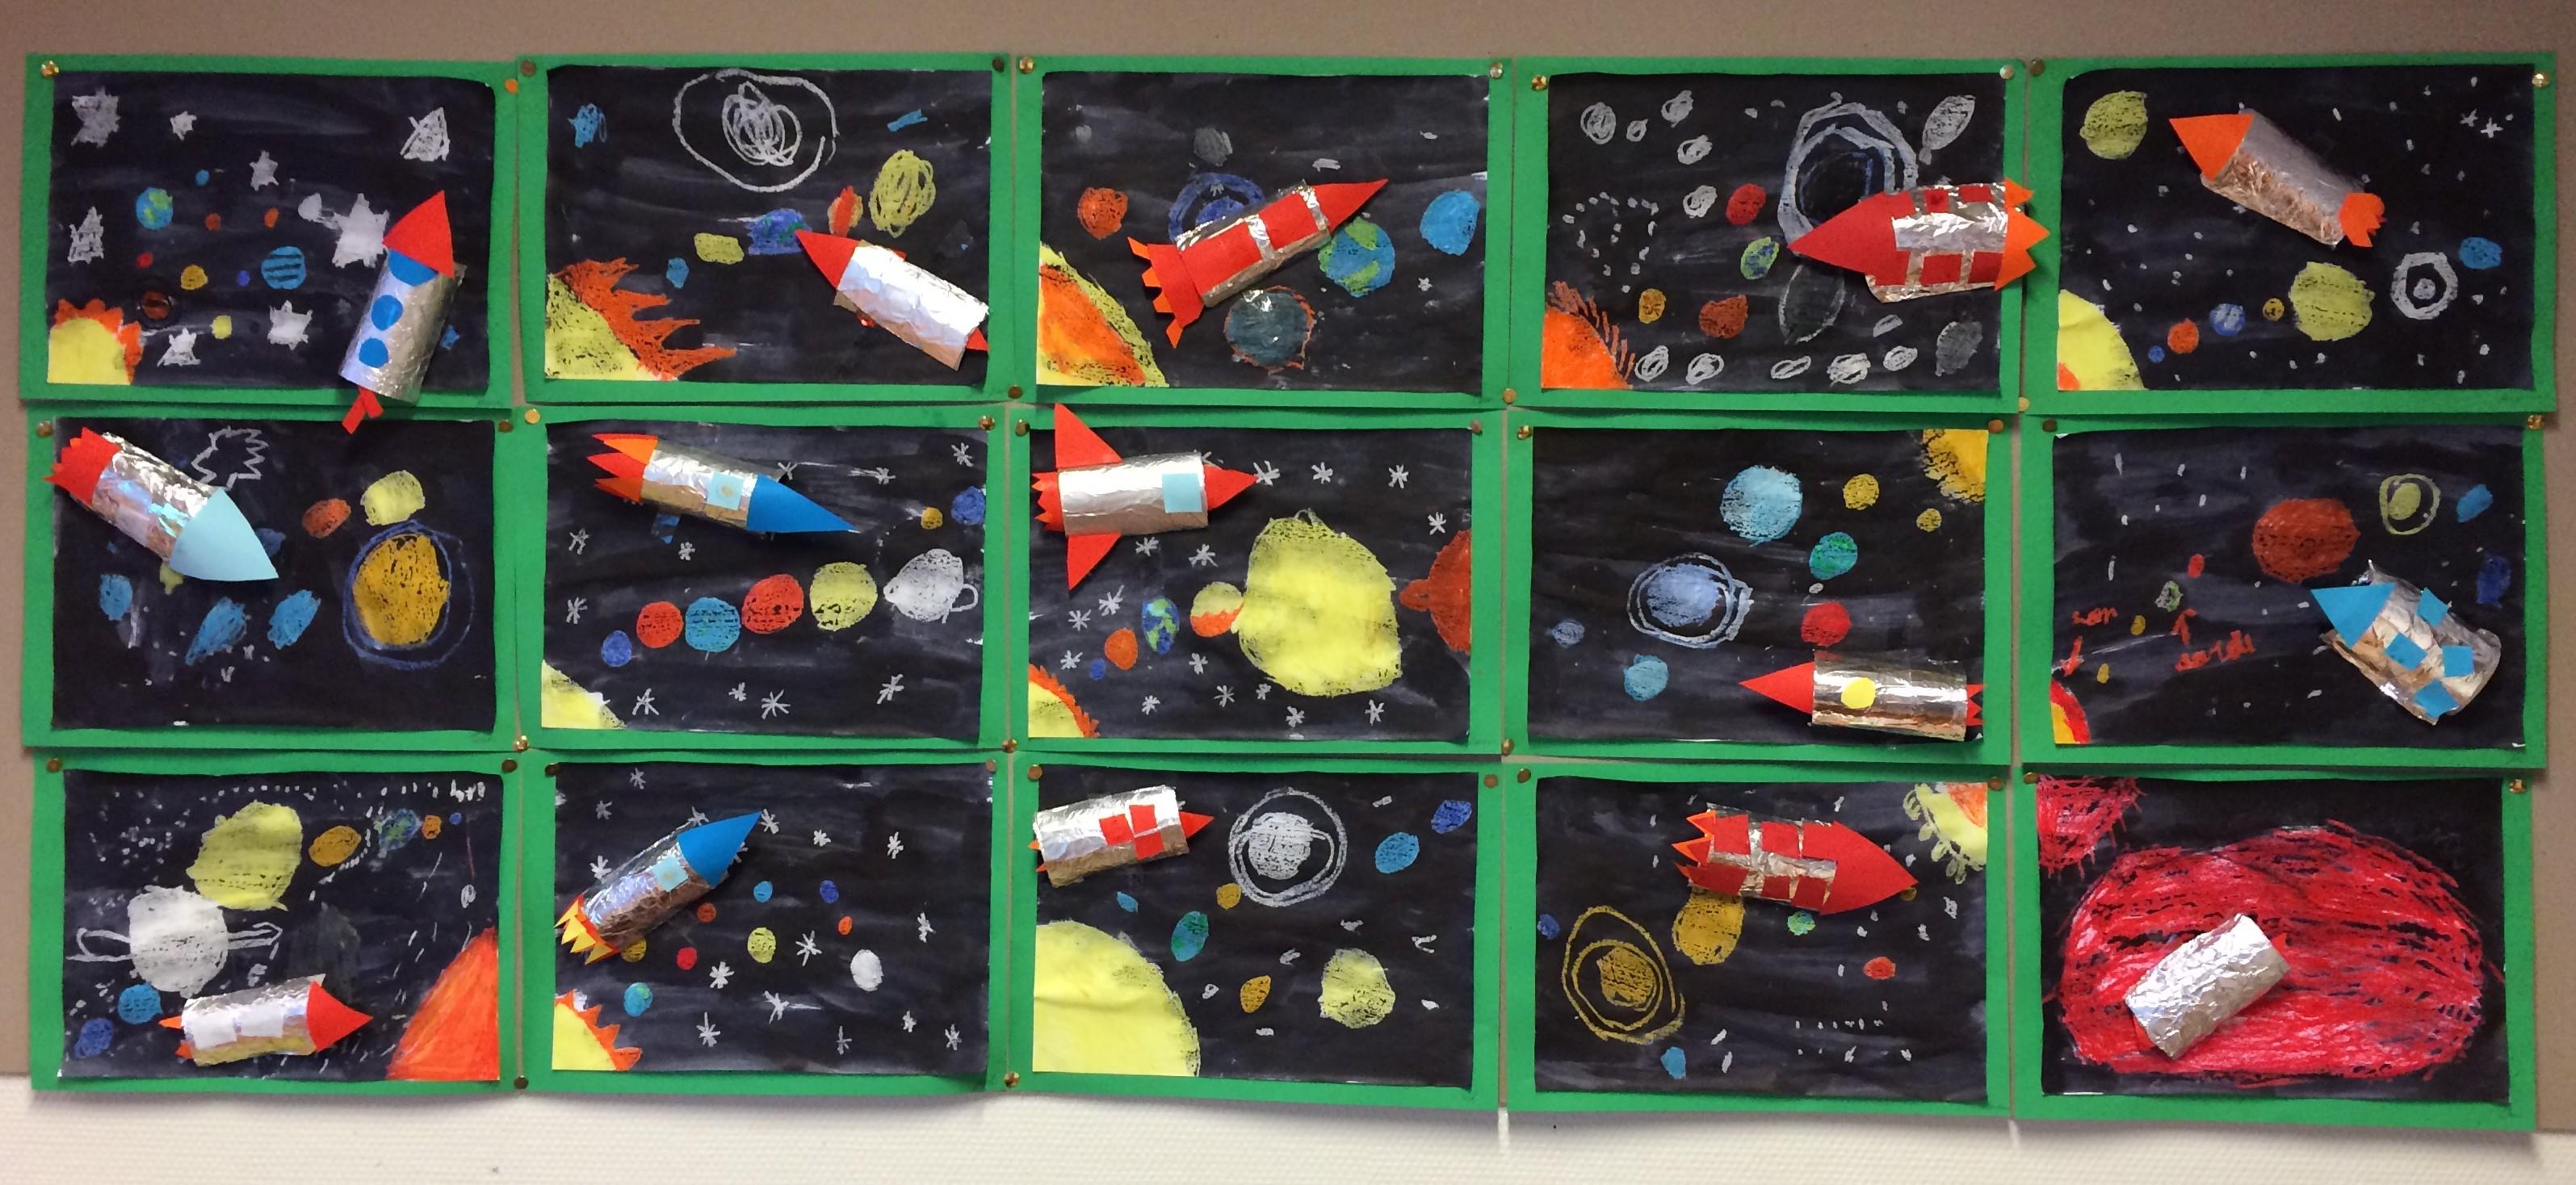 Zeer Raket en zonnestelsel knutselen - Knutsel ideeën voor kinderen &NF12